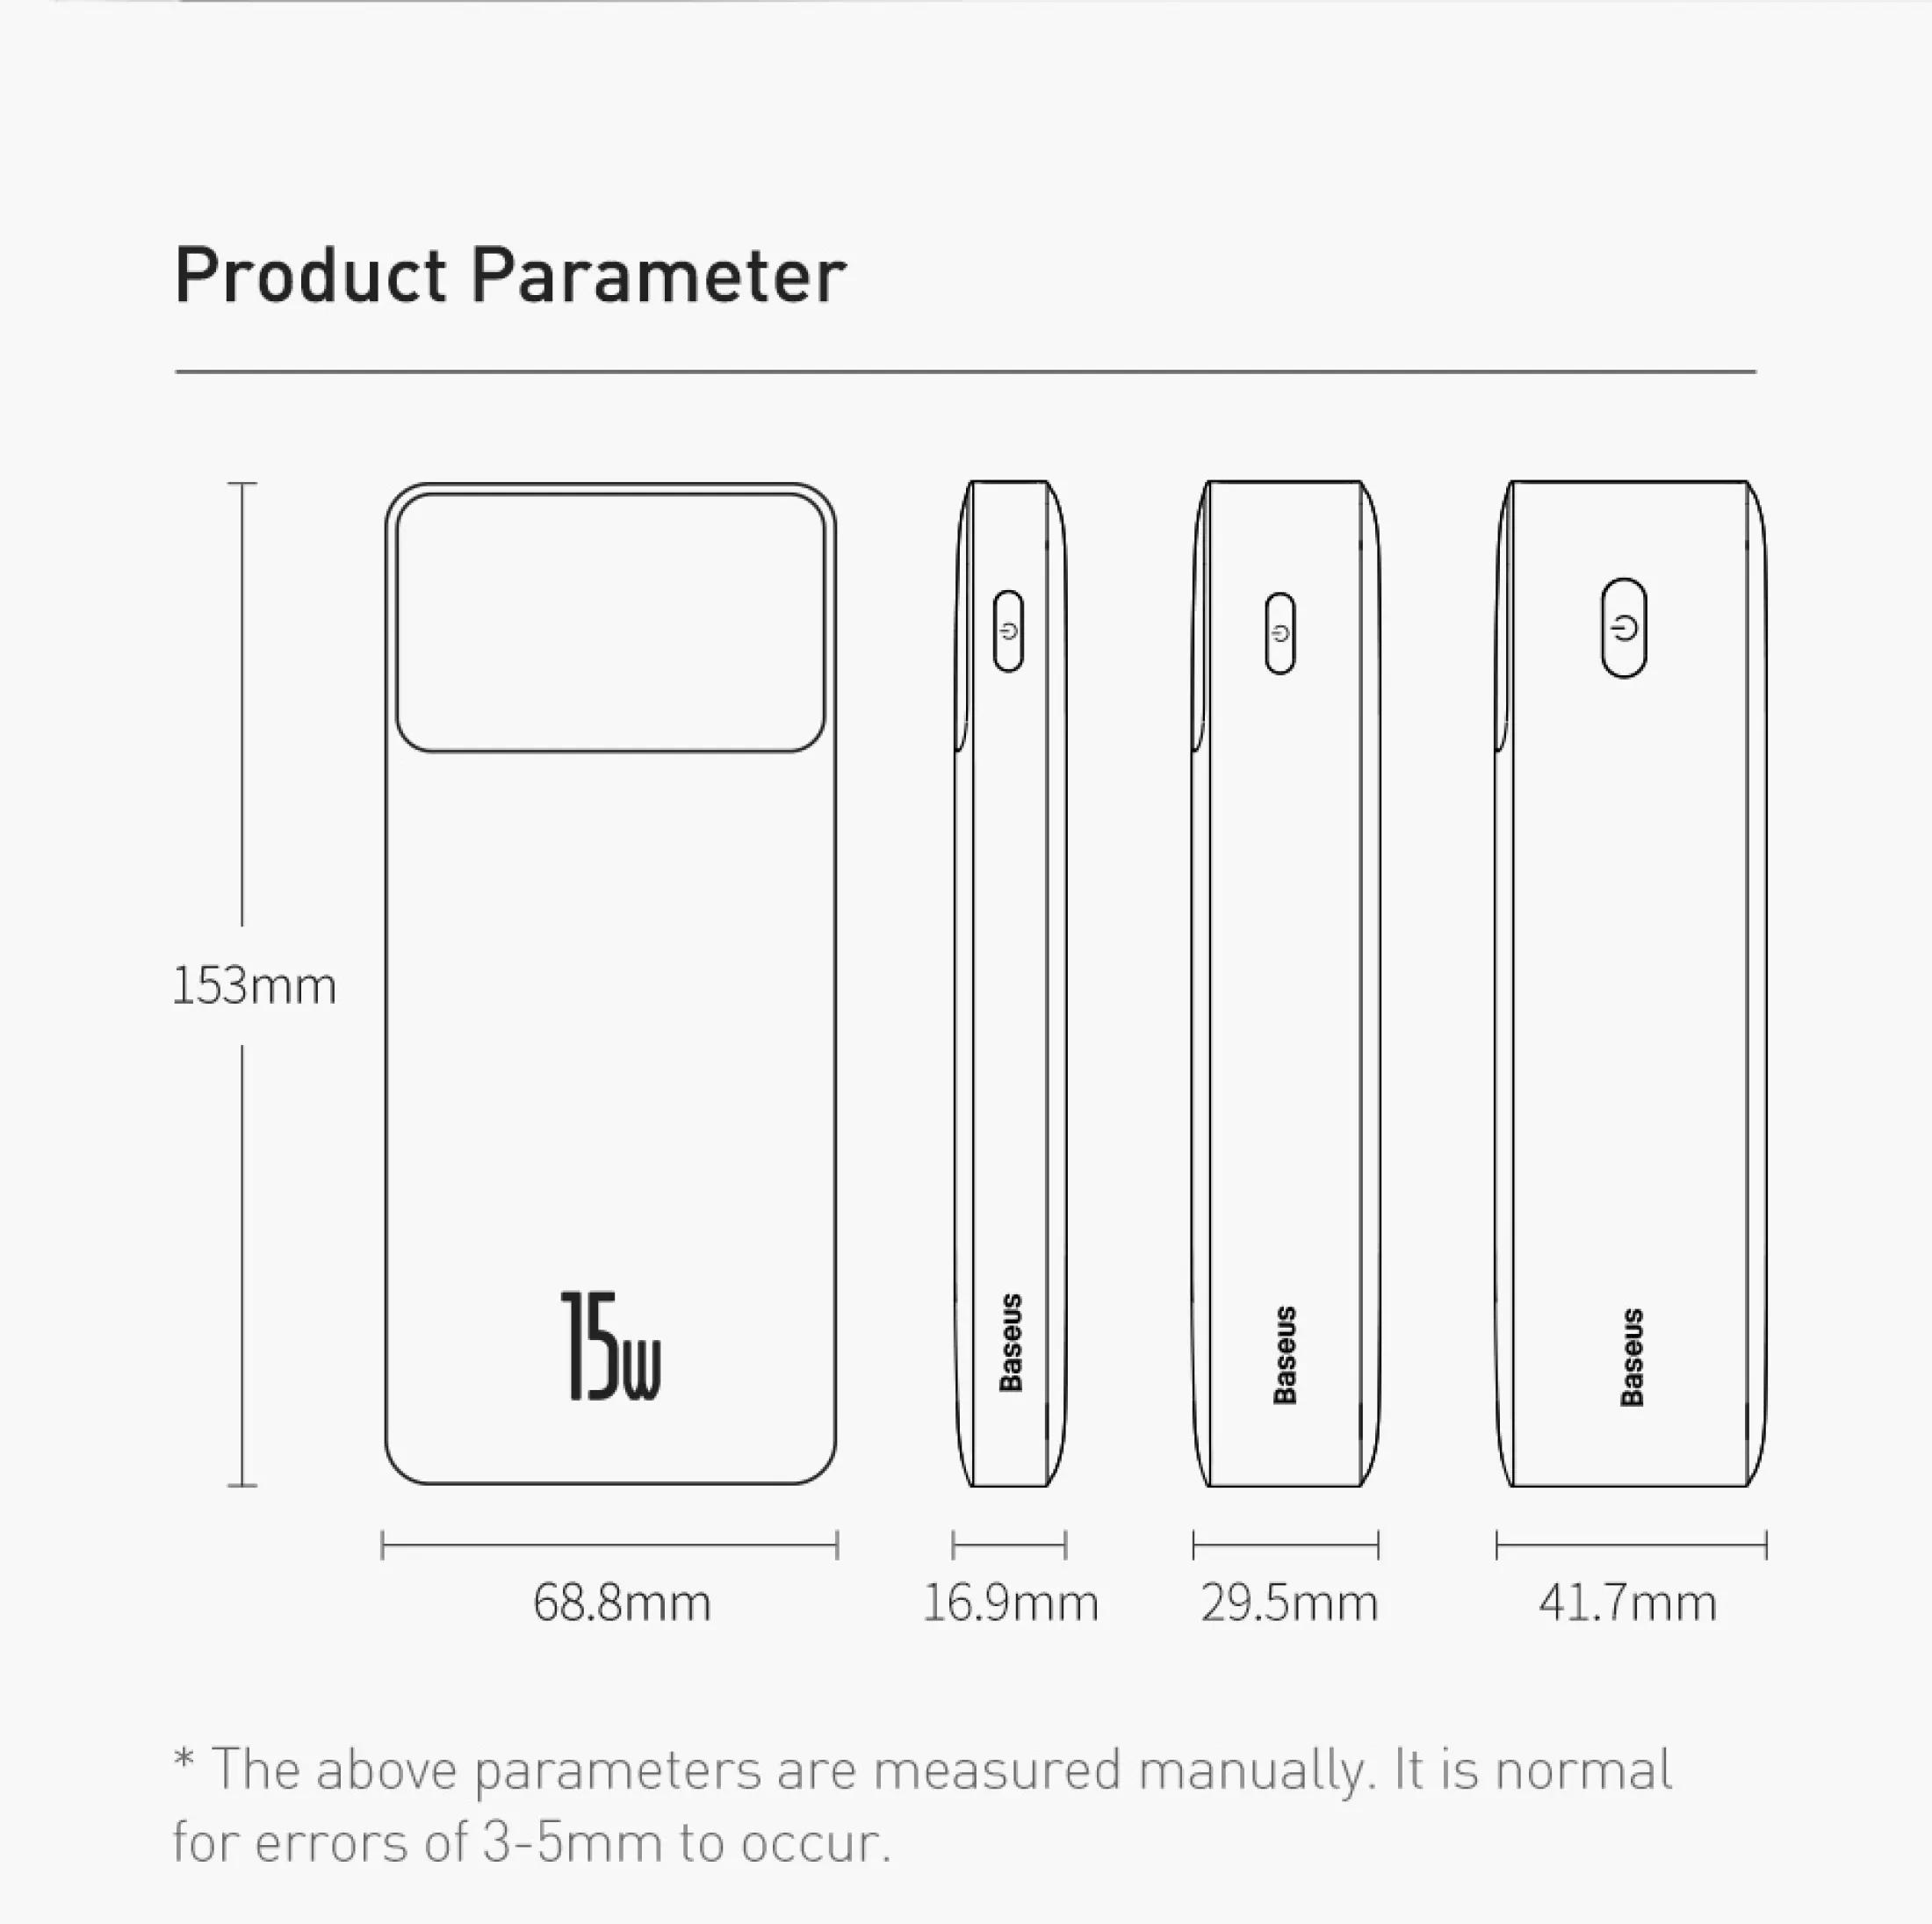 Pin sạc dự phòng Baseus dung lượng 10000mAh công suất 15W hoặc 20W, màn hình LED hiển thị, sạc nhanh QC, PD cho iPhone, Samsung, Xiaomi,....-Phân phối chính hãng tại Baseus Việt Nam 11